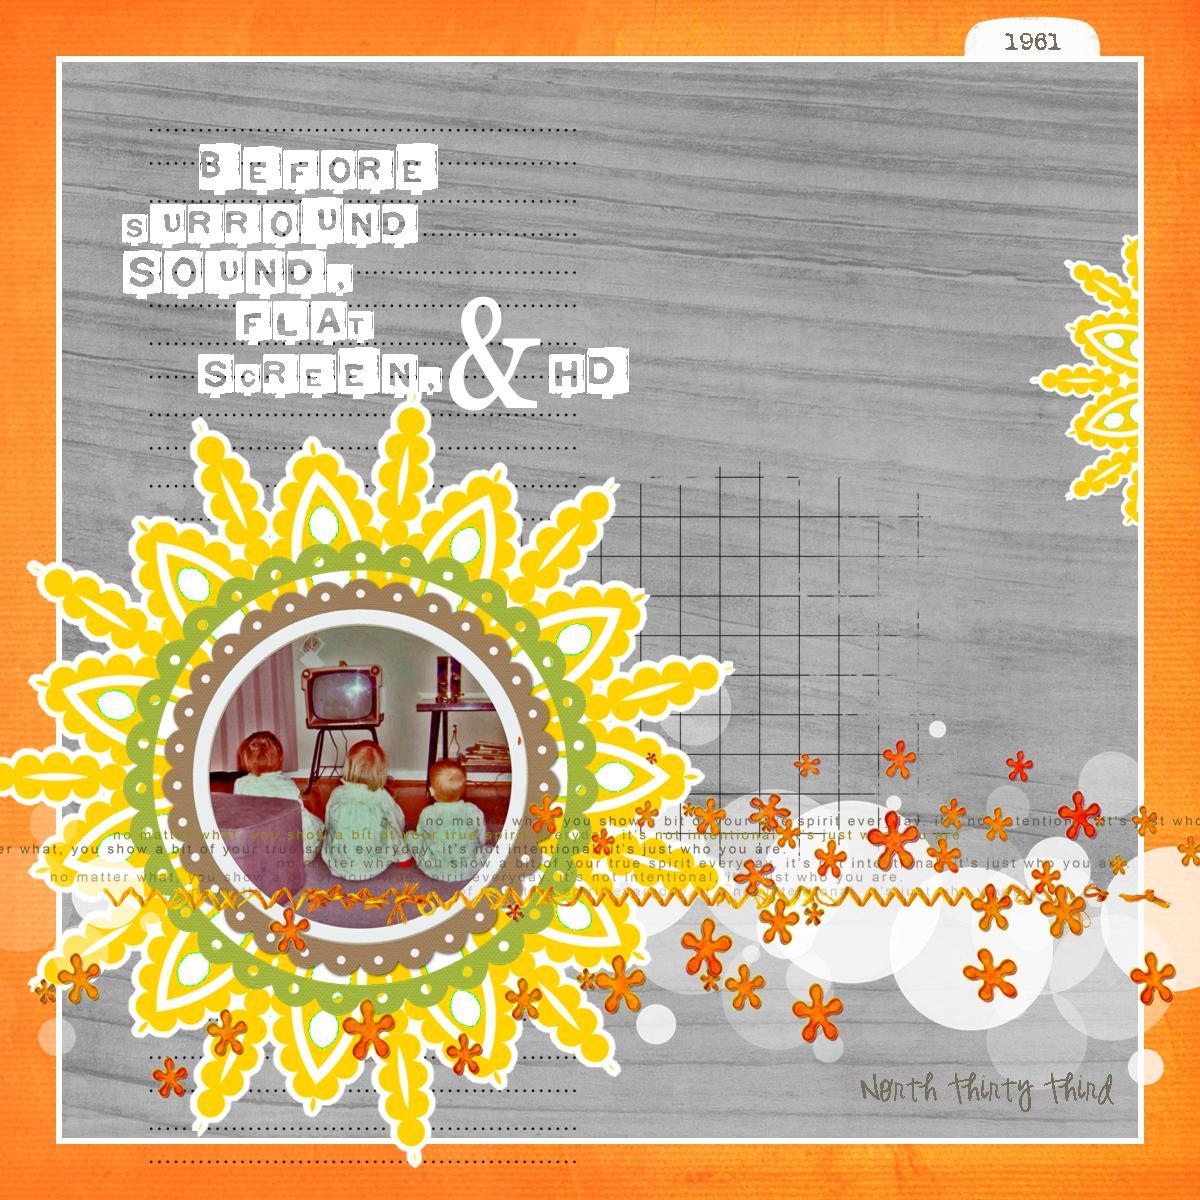 http://2.bp.blogspot.com/-XASwjdH9nx8/Te8_HMT8AqI/AAAAAAAAAIo/9N2JdVYY1oo/s1600/3+girls.jpg